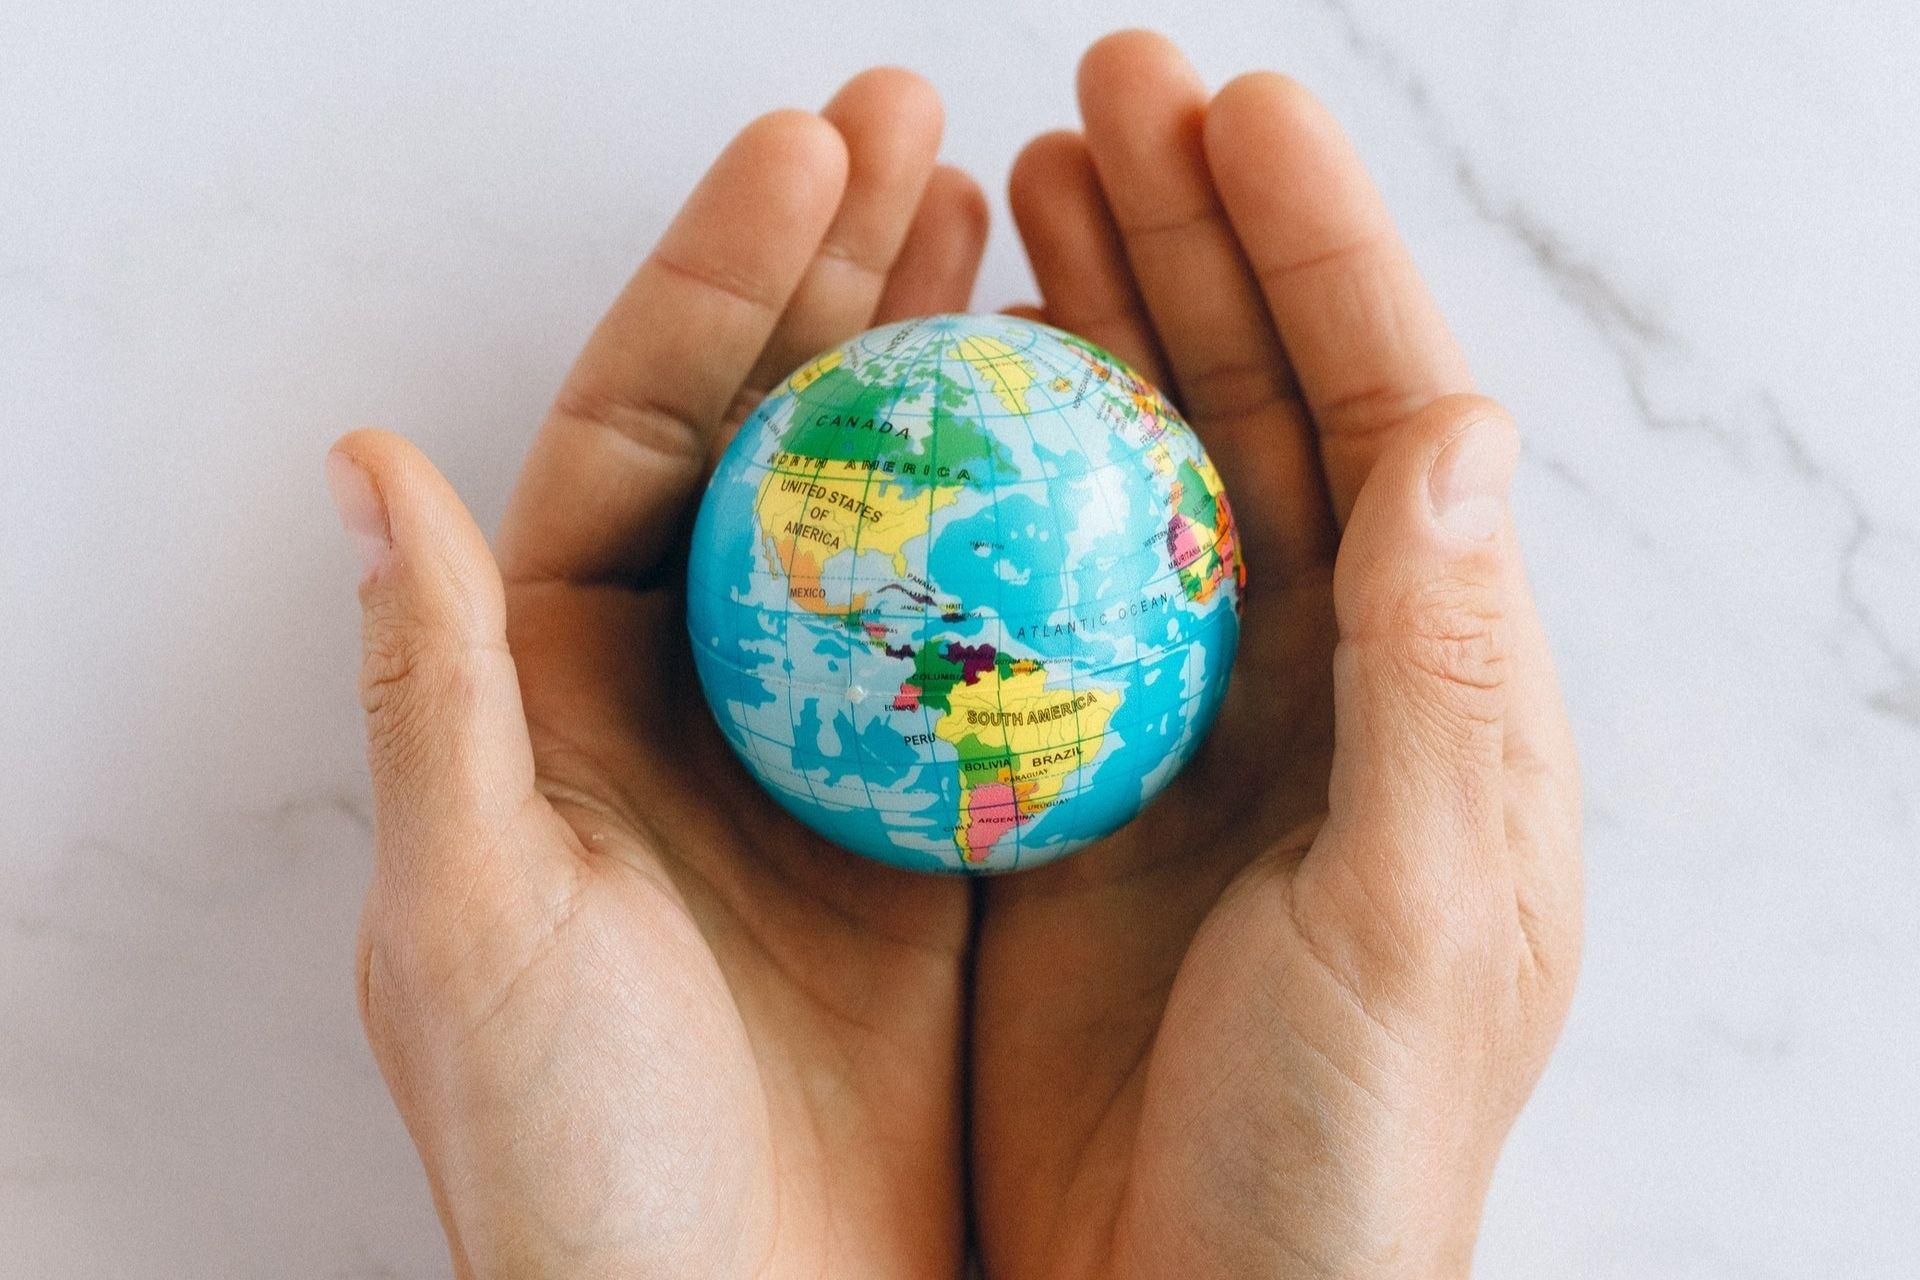 Enjin explorará cómo la tecnología blockchain y los NFT pueden ayudar en el cumplimiento de los Objetivos de Desarrollo Sostenible de las Naciones Unidas